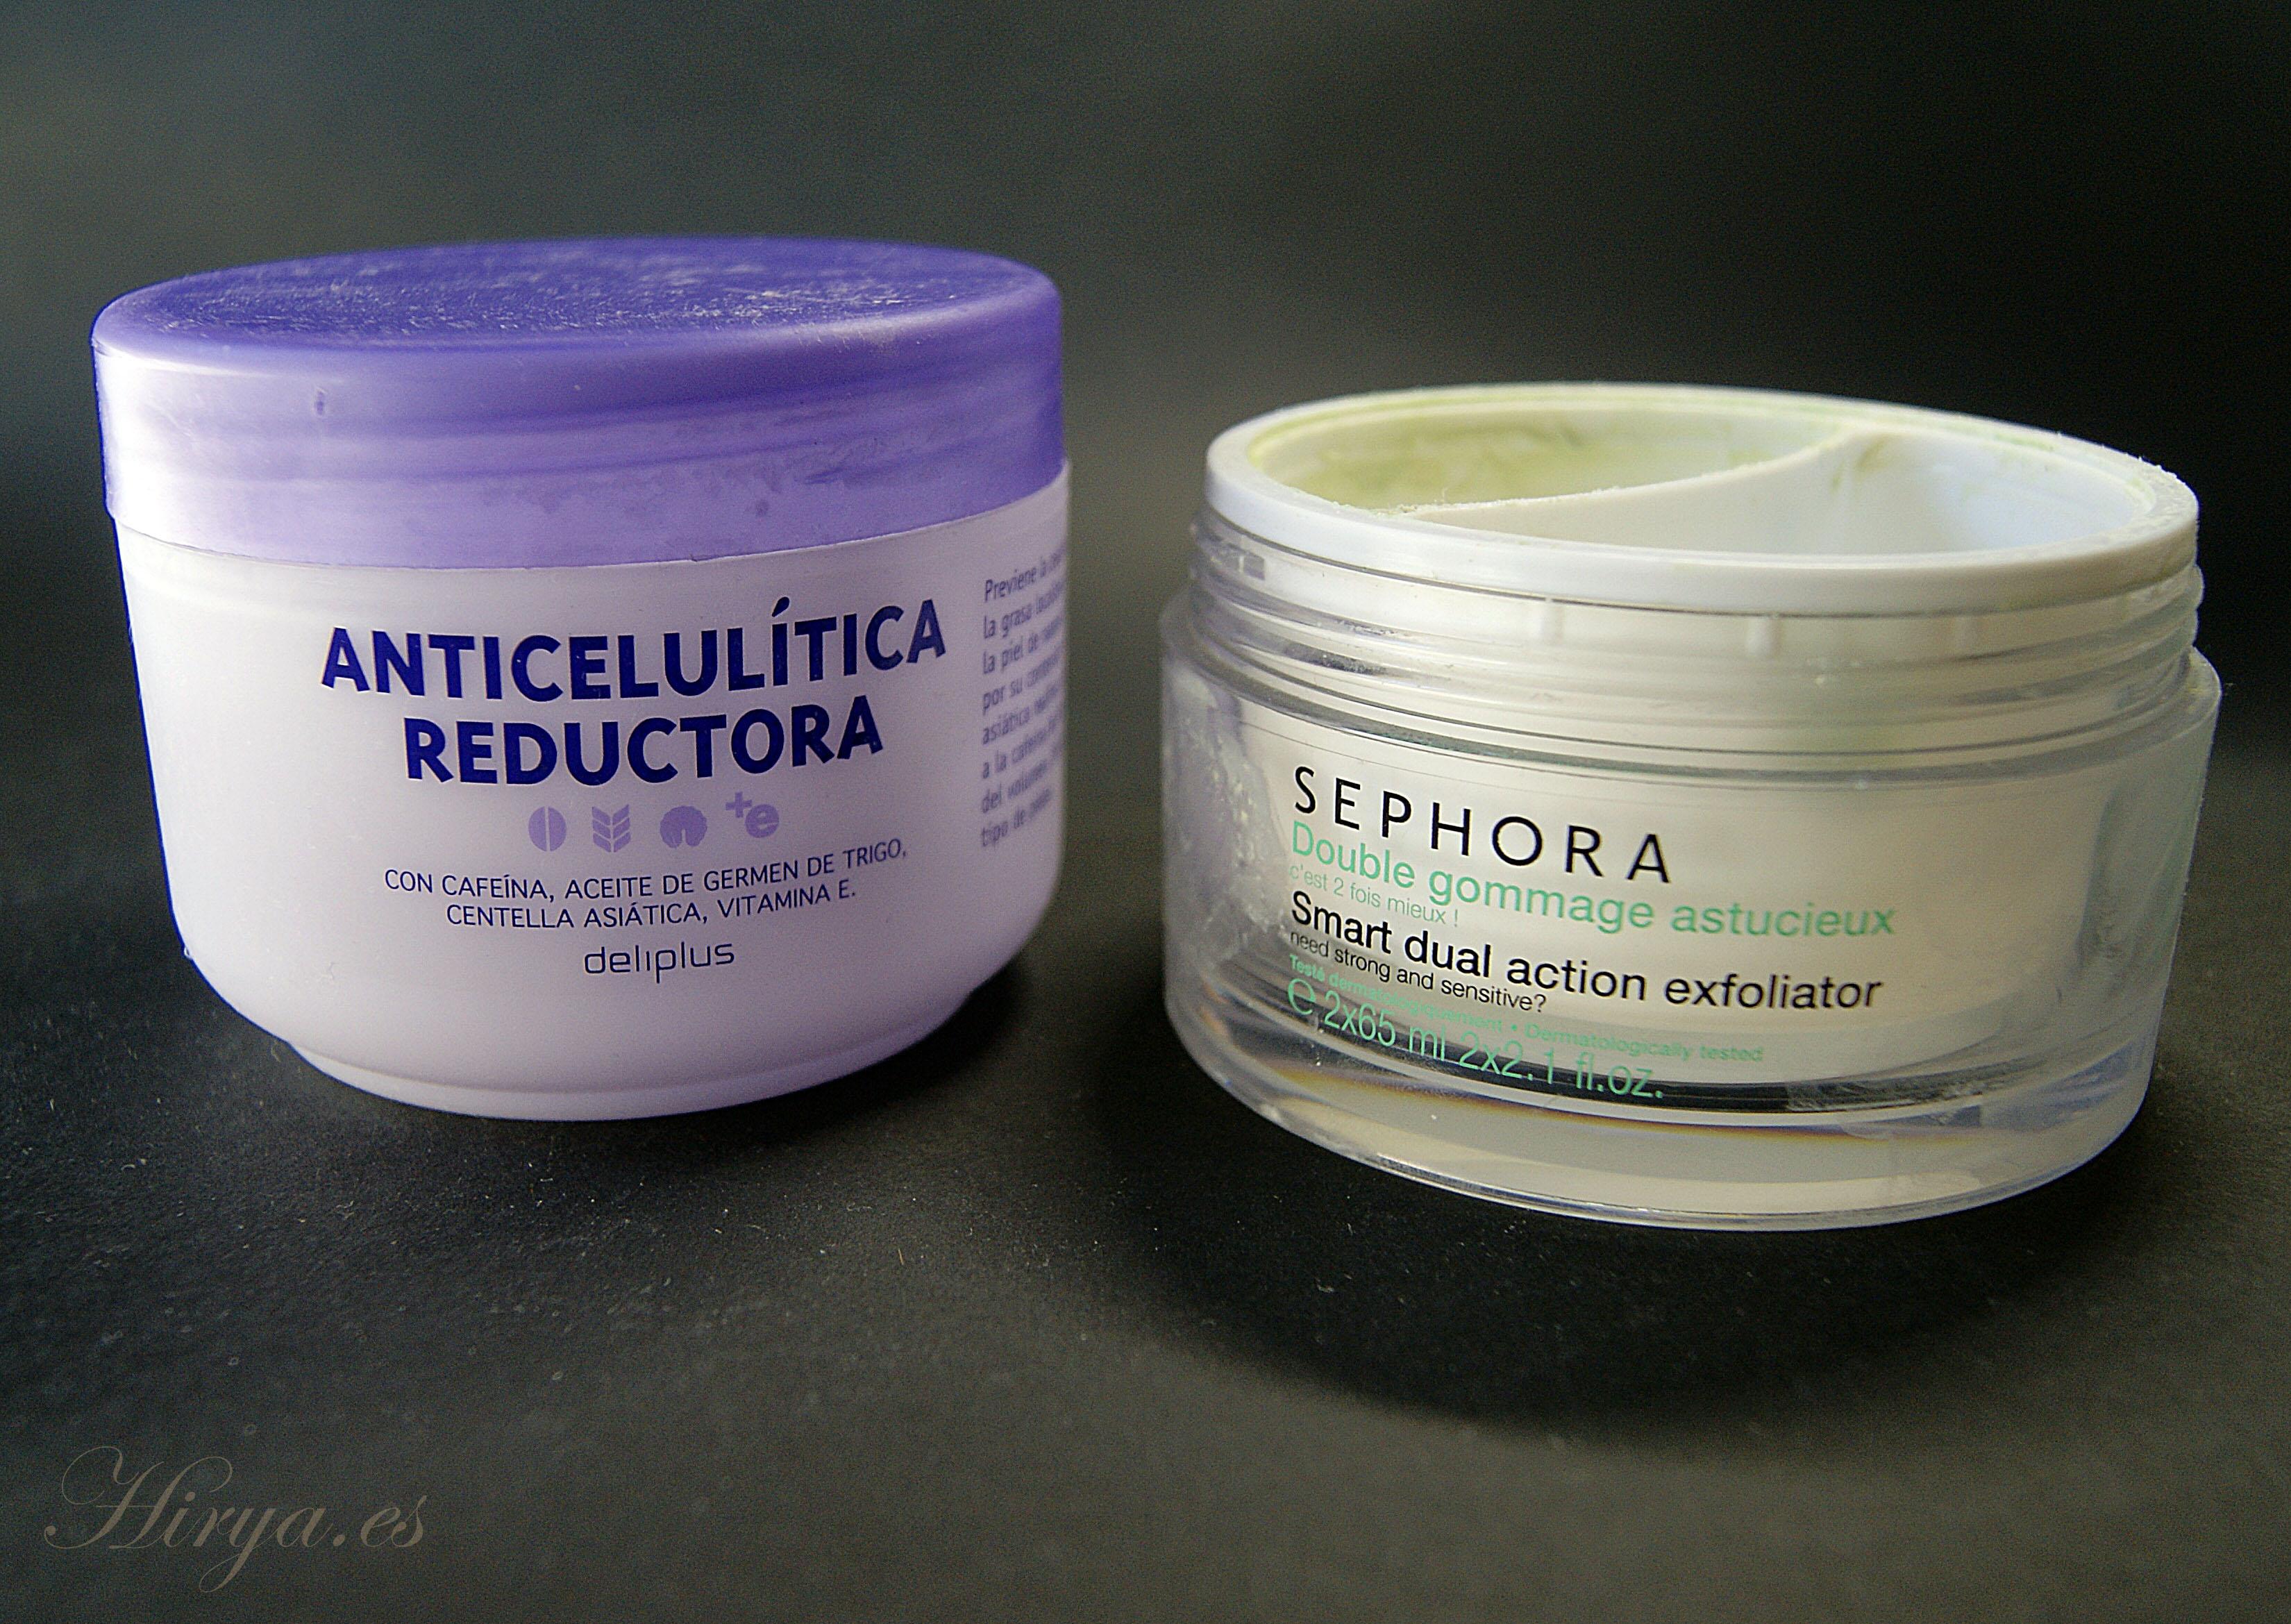 Anticelulitico y Exfoliante terminados